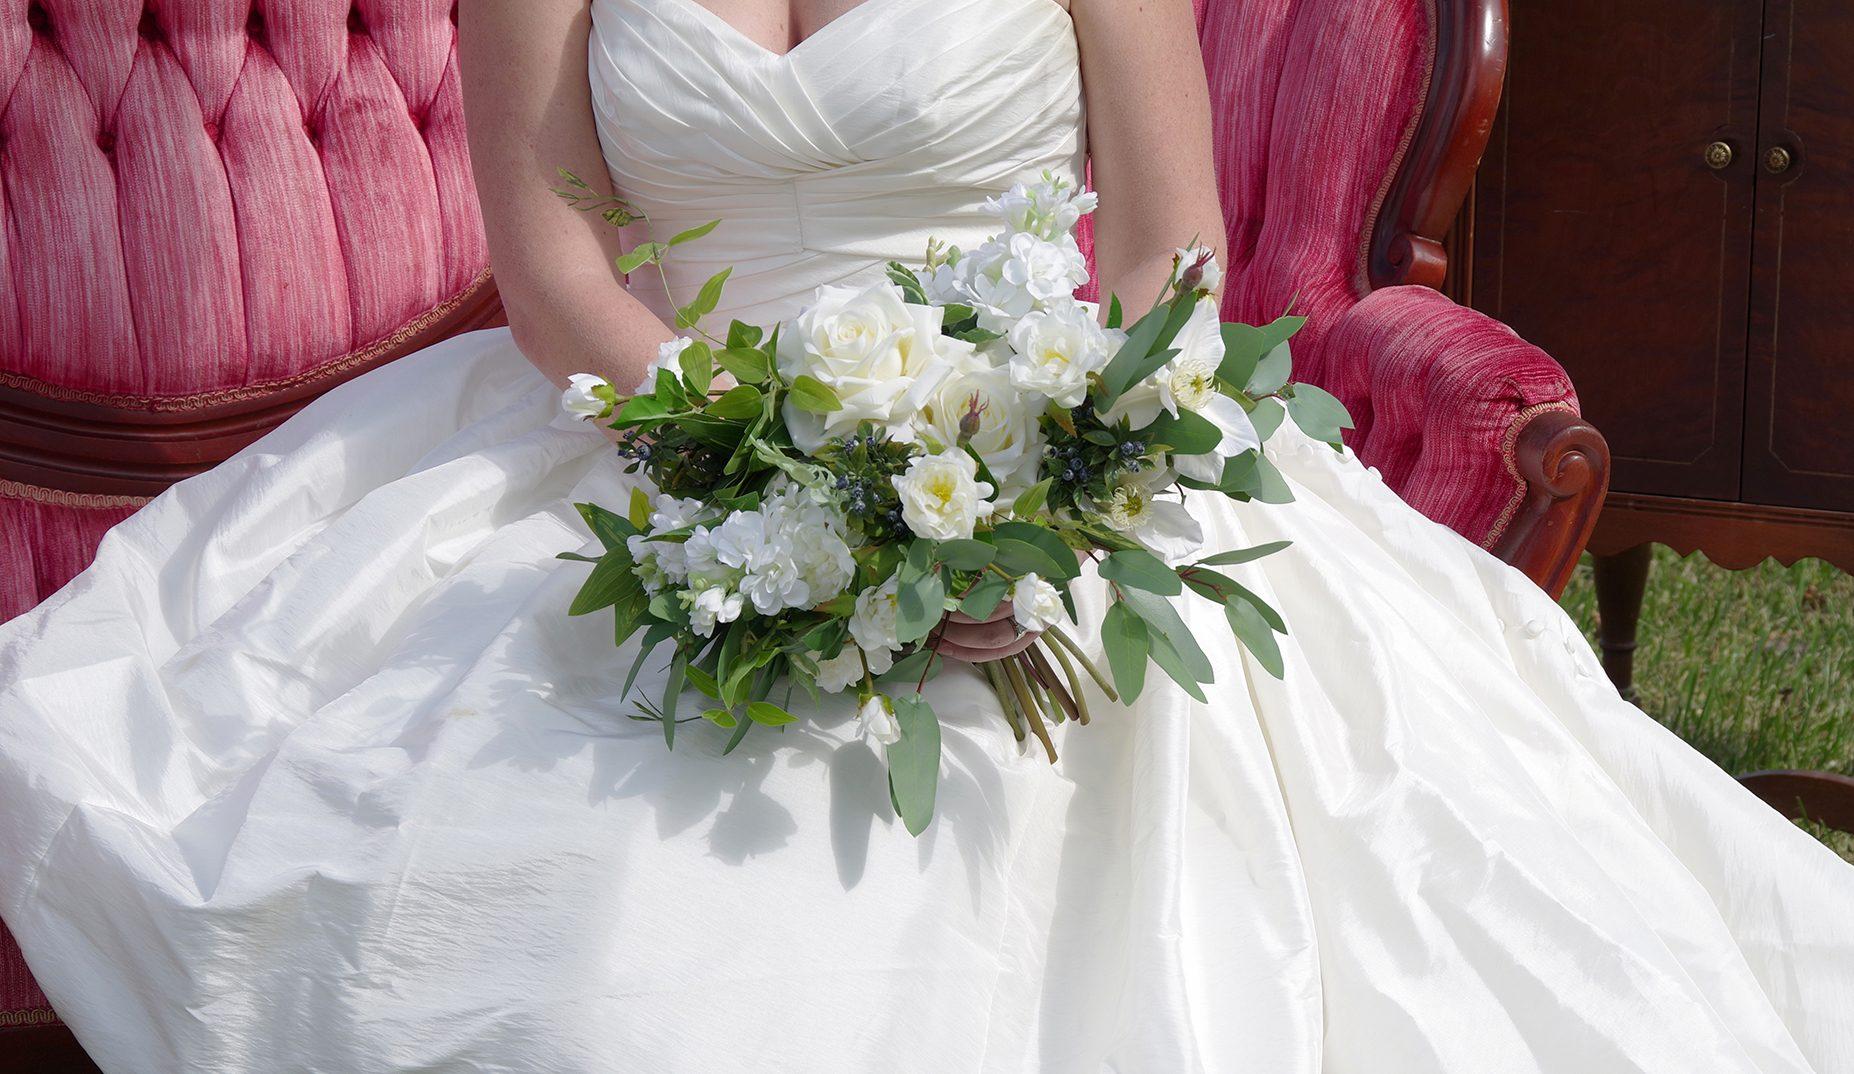 Floral Arrangements by Niki 0043